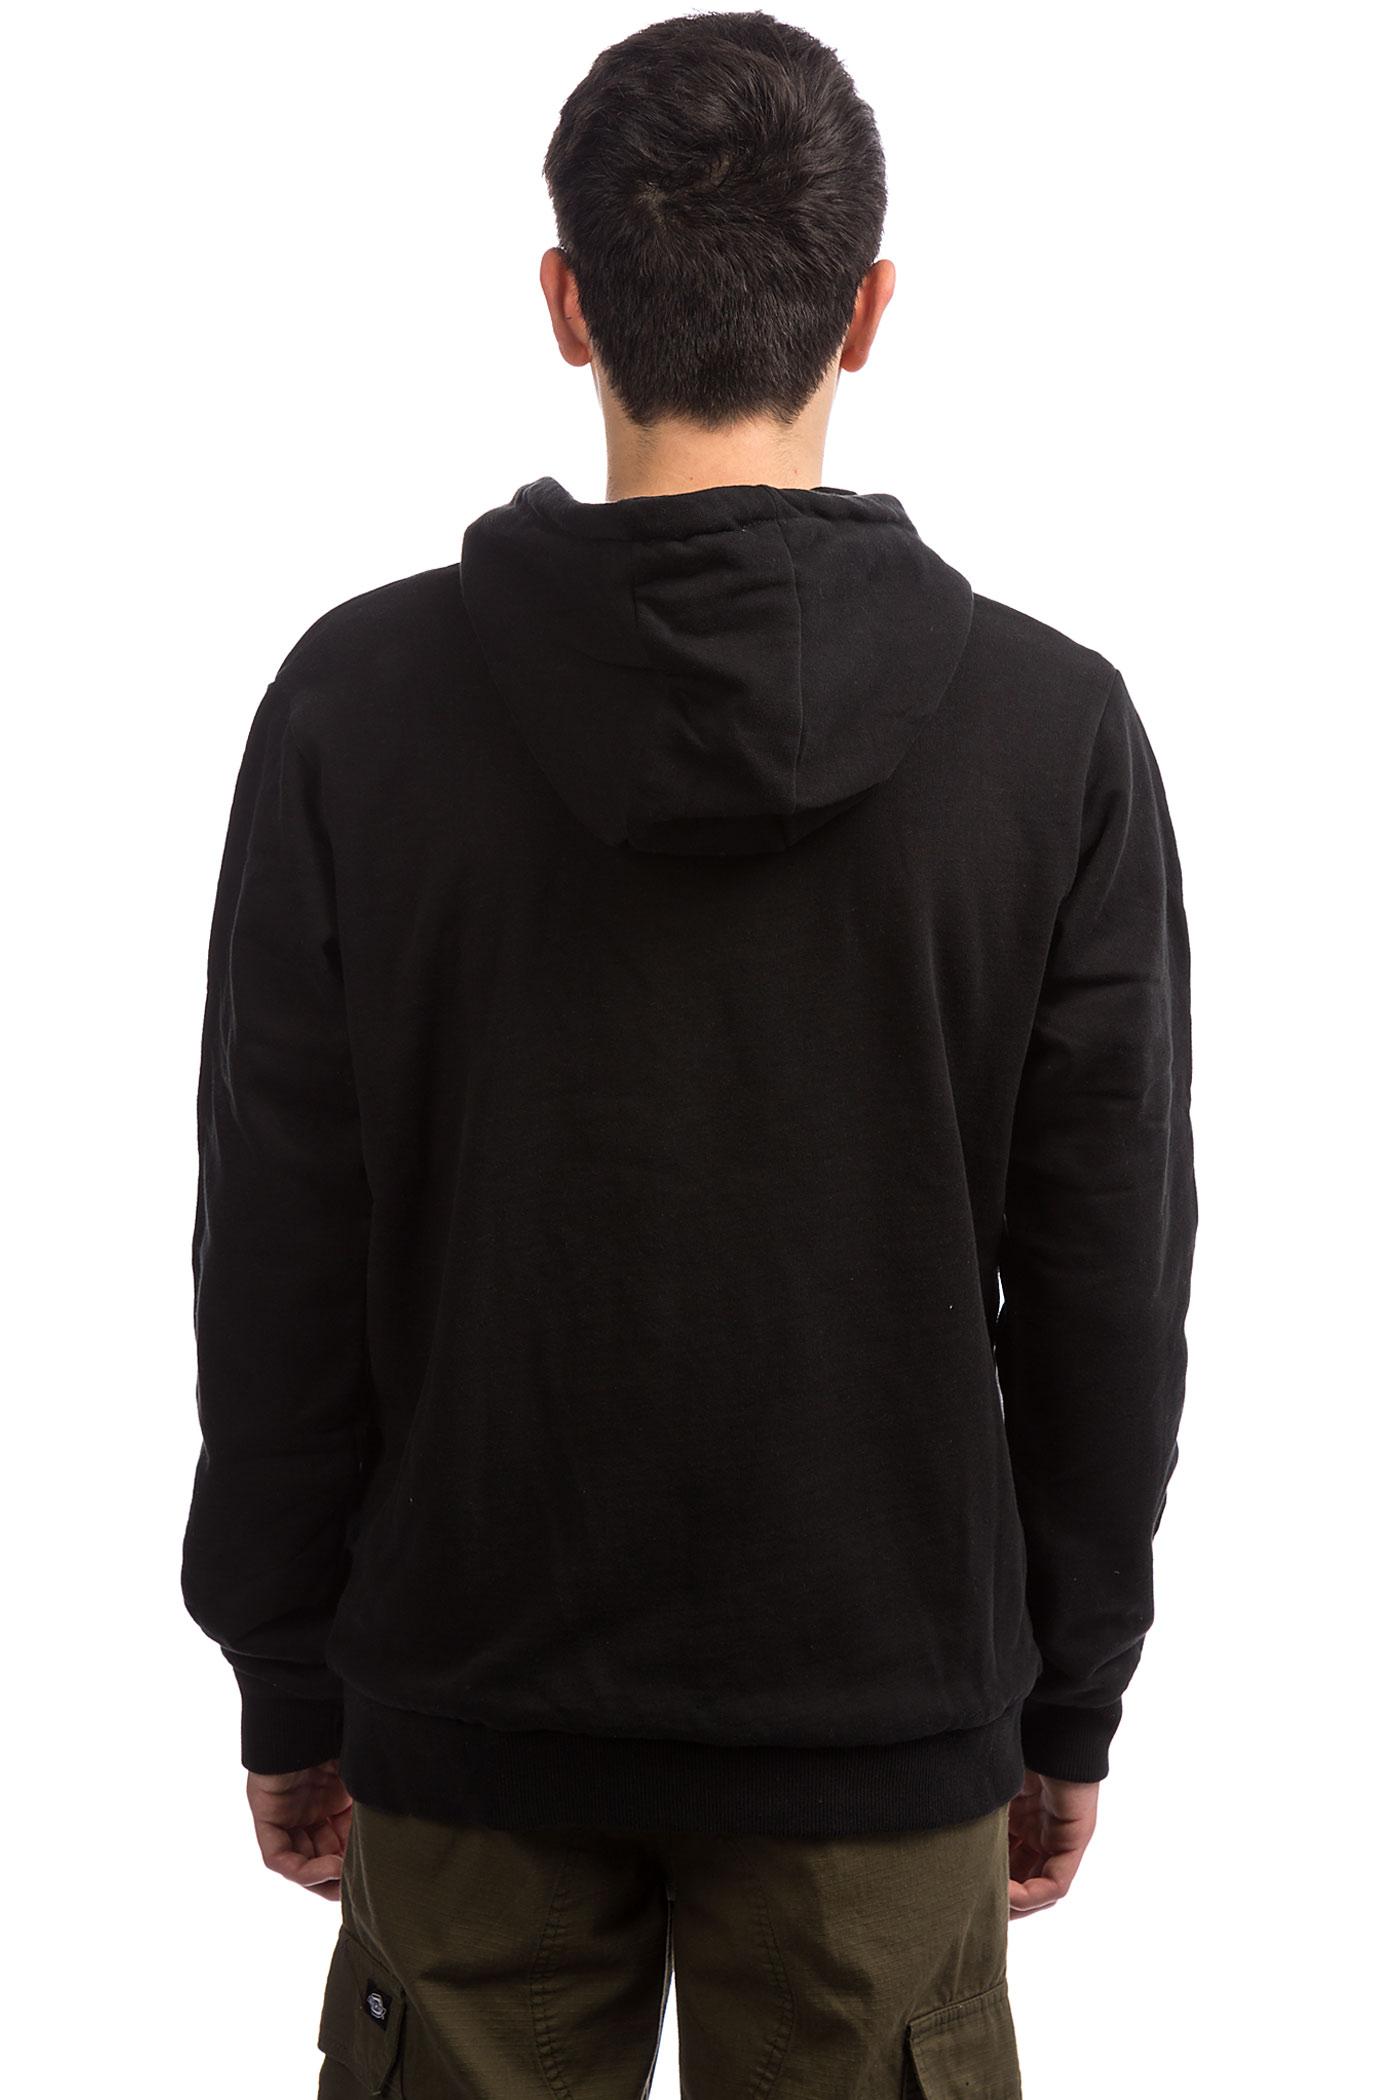 sweatshirt Kingsley Zip Avec Capuchonblack Dickies zGqpSULMV